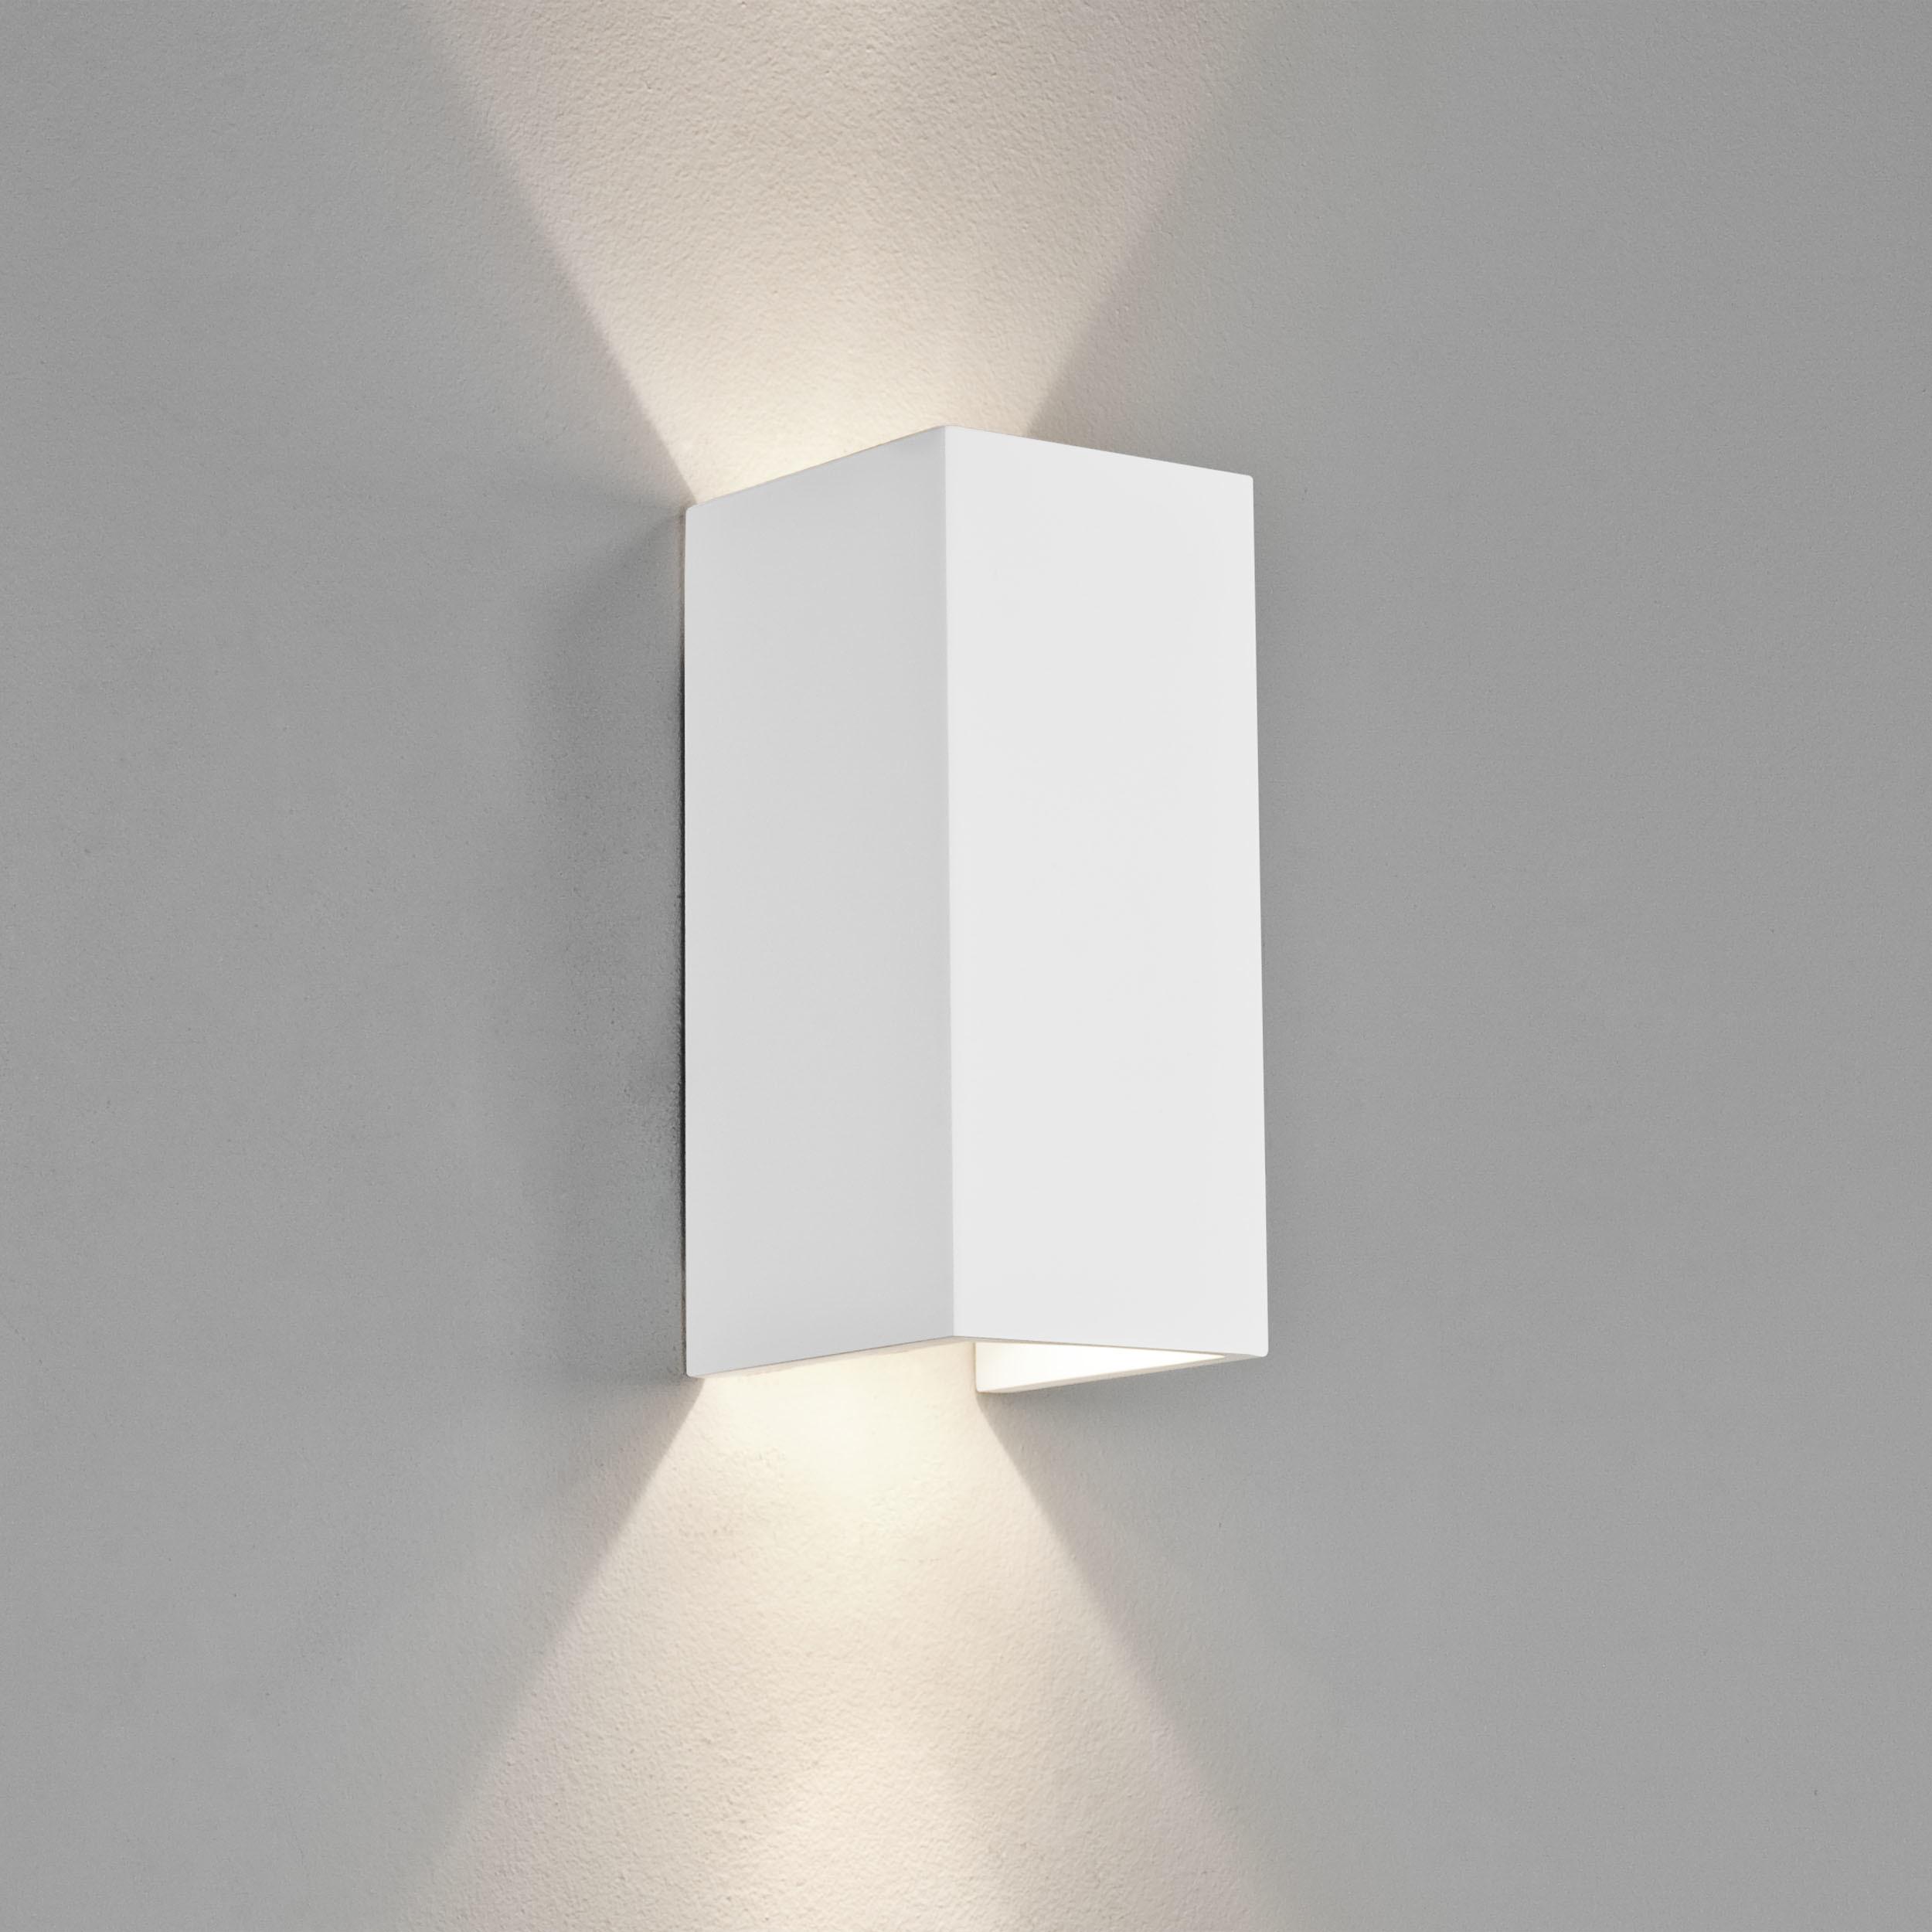 Настенный светодиодный светильник Astro Parma 1187019 (8052), LED 8W 2700K 549.9lm CRI80, белый, под покраску, гипс - фото 1